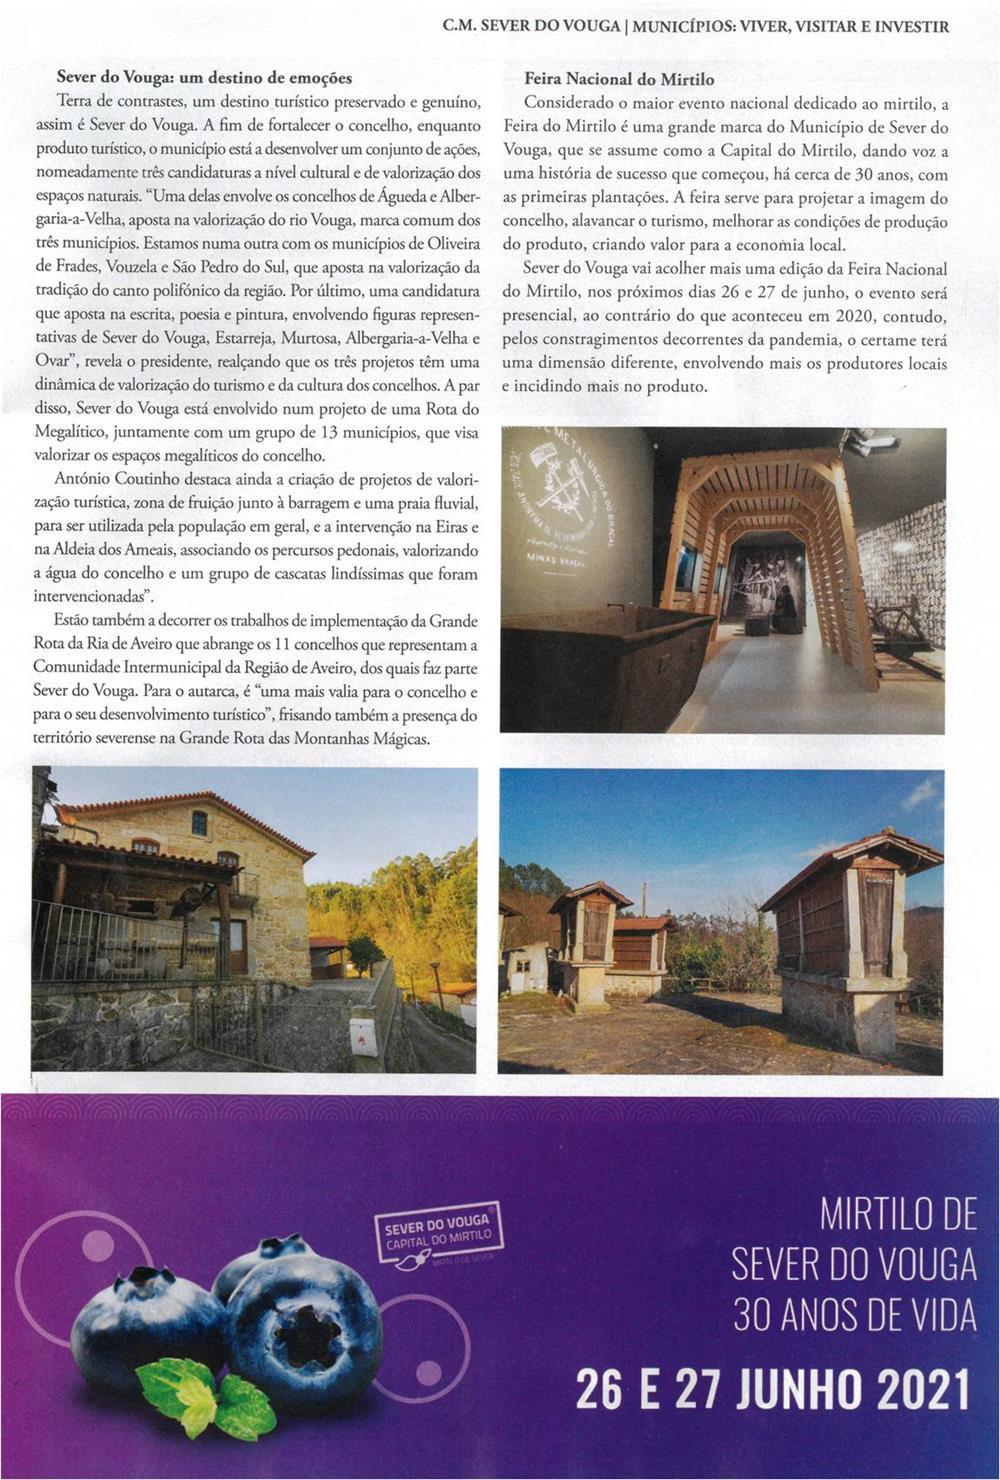 Business-maio'21-p.56,57-O presente e o futuro turístico de Sever do Vouga [2.ª parte de duas].jpg